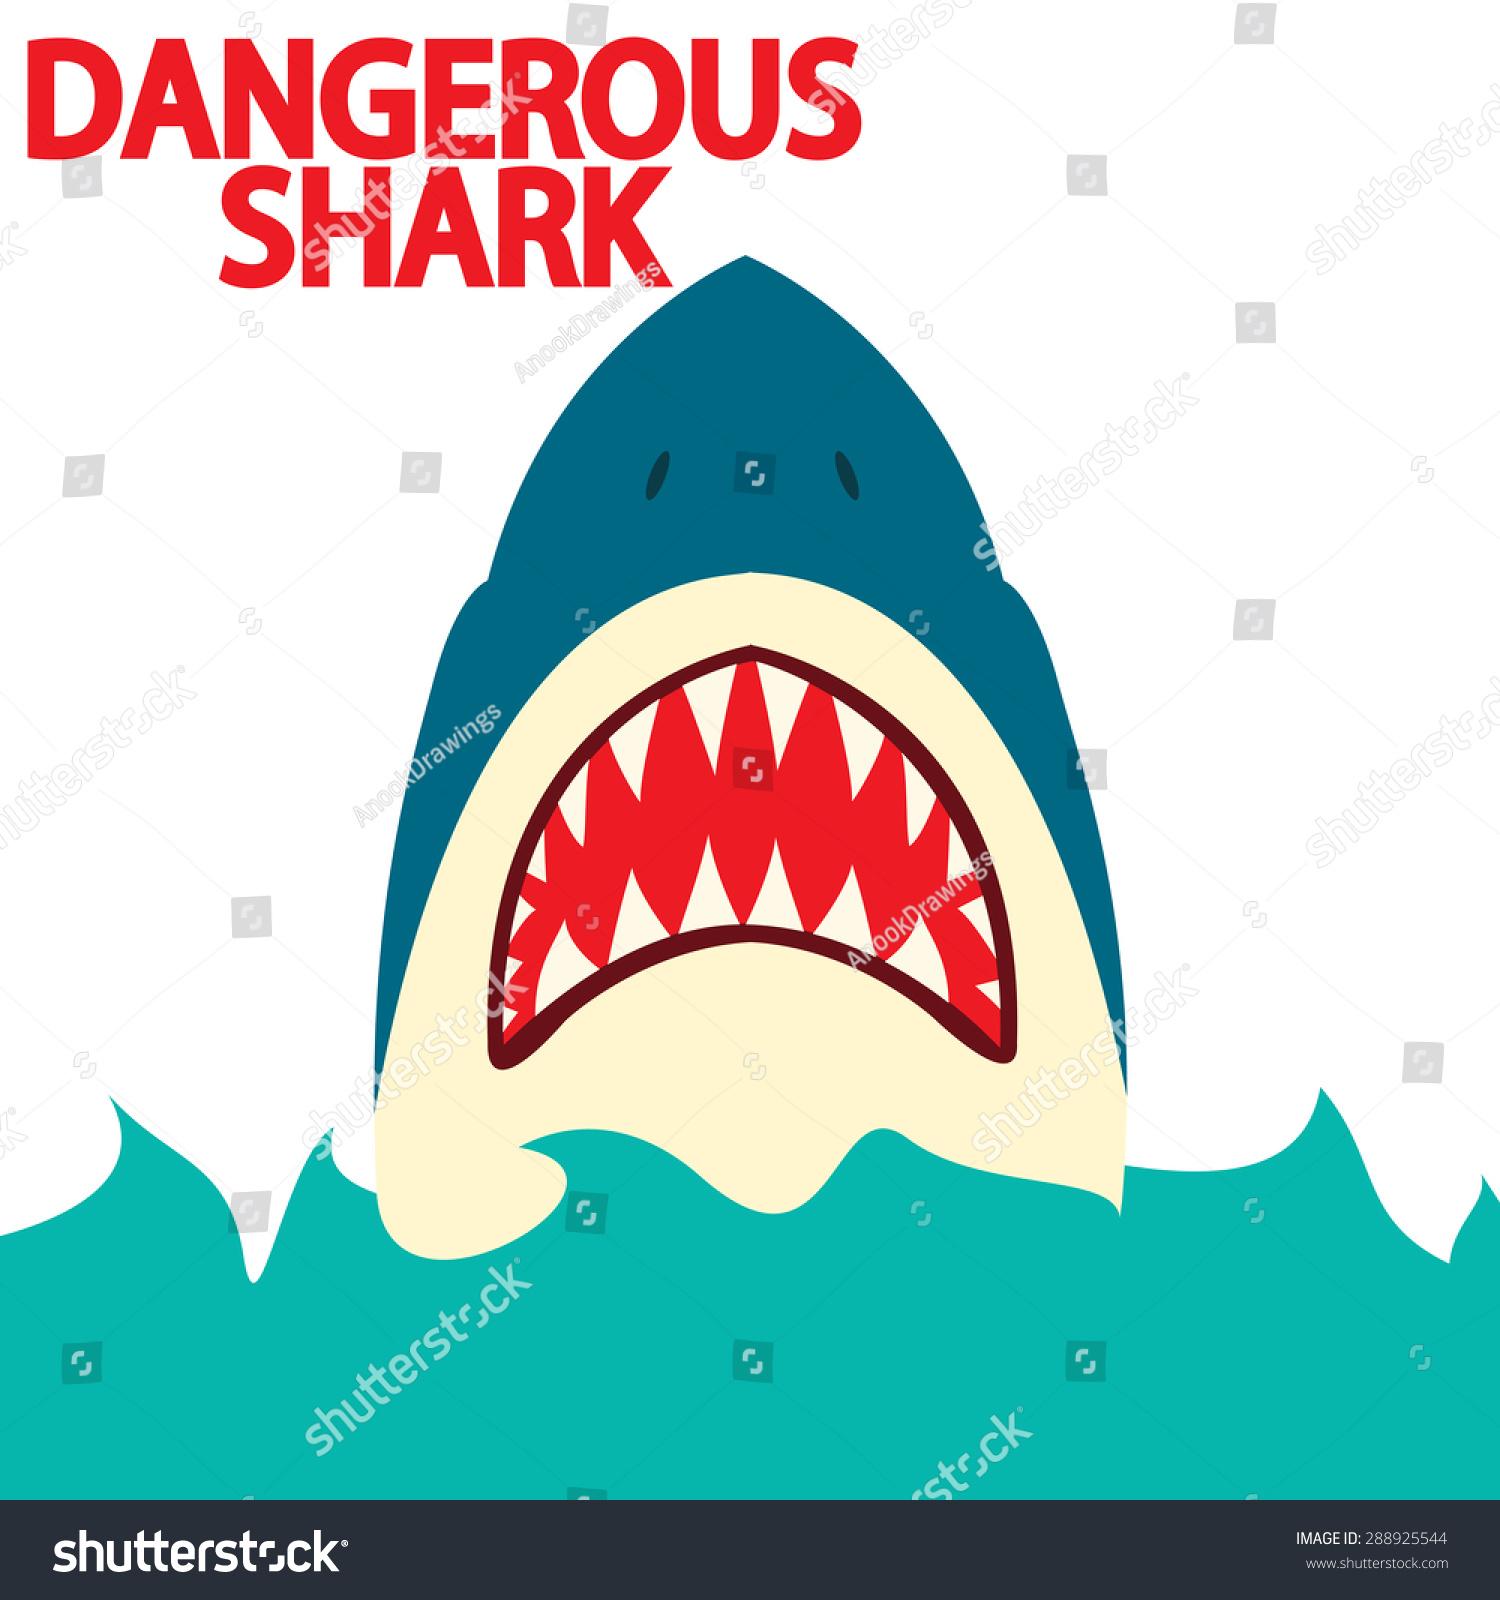 危险的鲨鱼-动物/野生生物